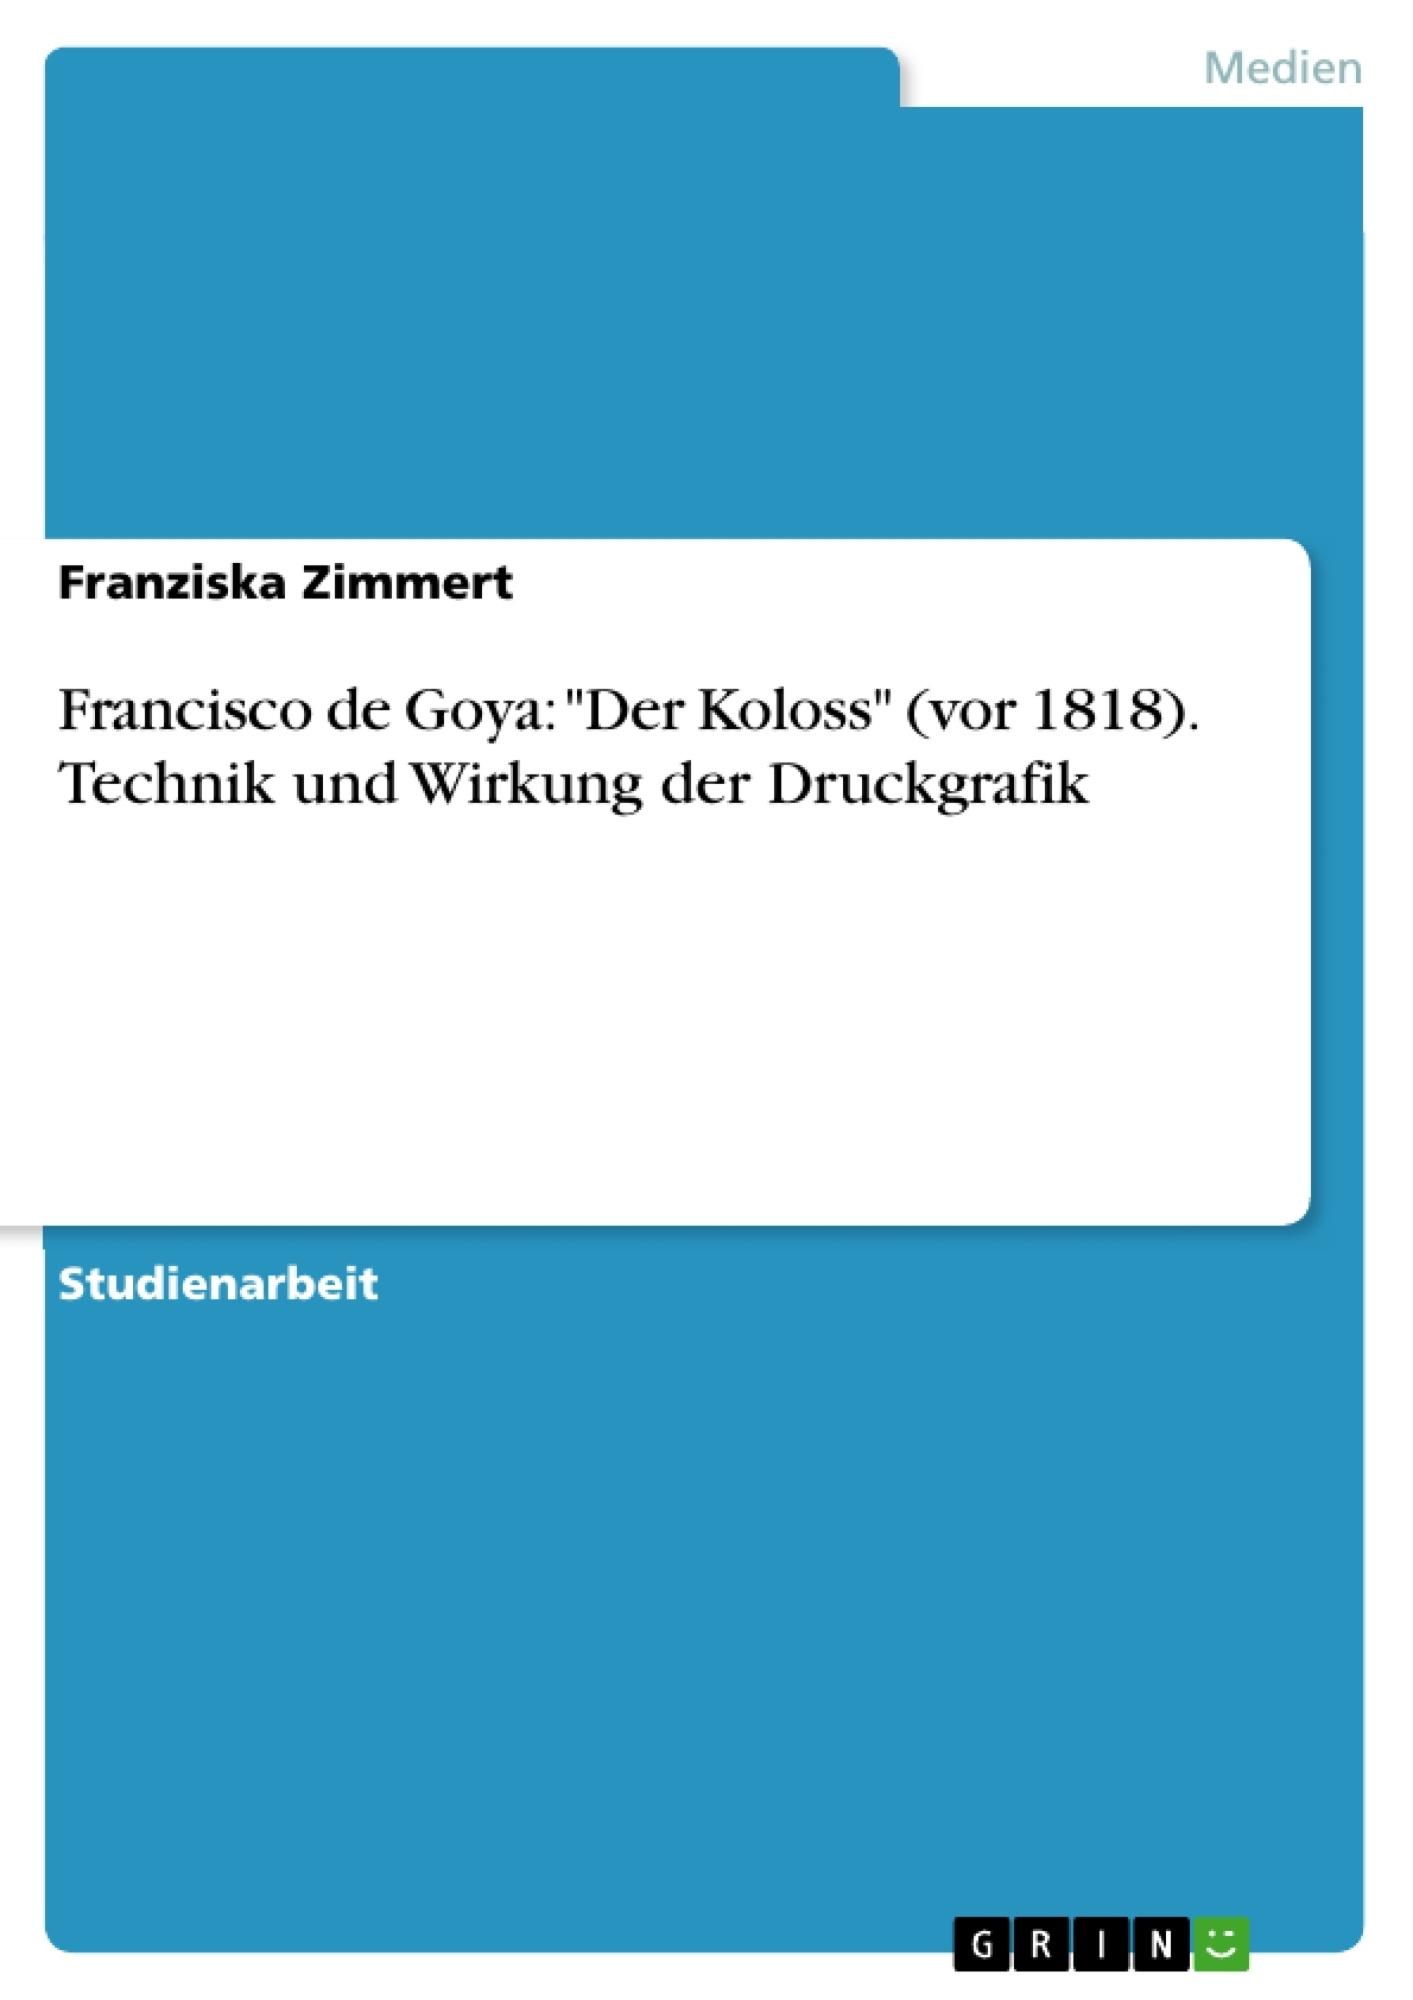 """Titel: Francisco de Goya: """"Der Koloss"""" (vor 1818). Technik und Wirkung der Druckgrafik"""